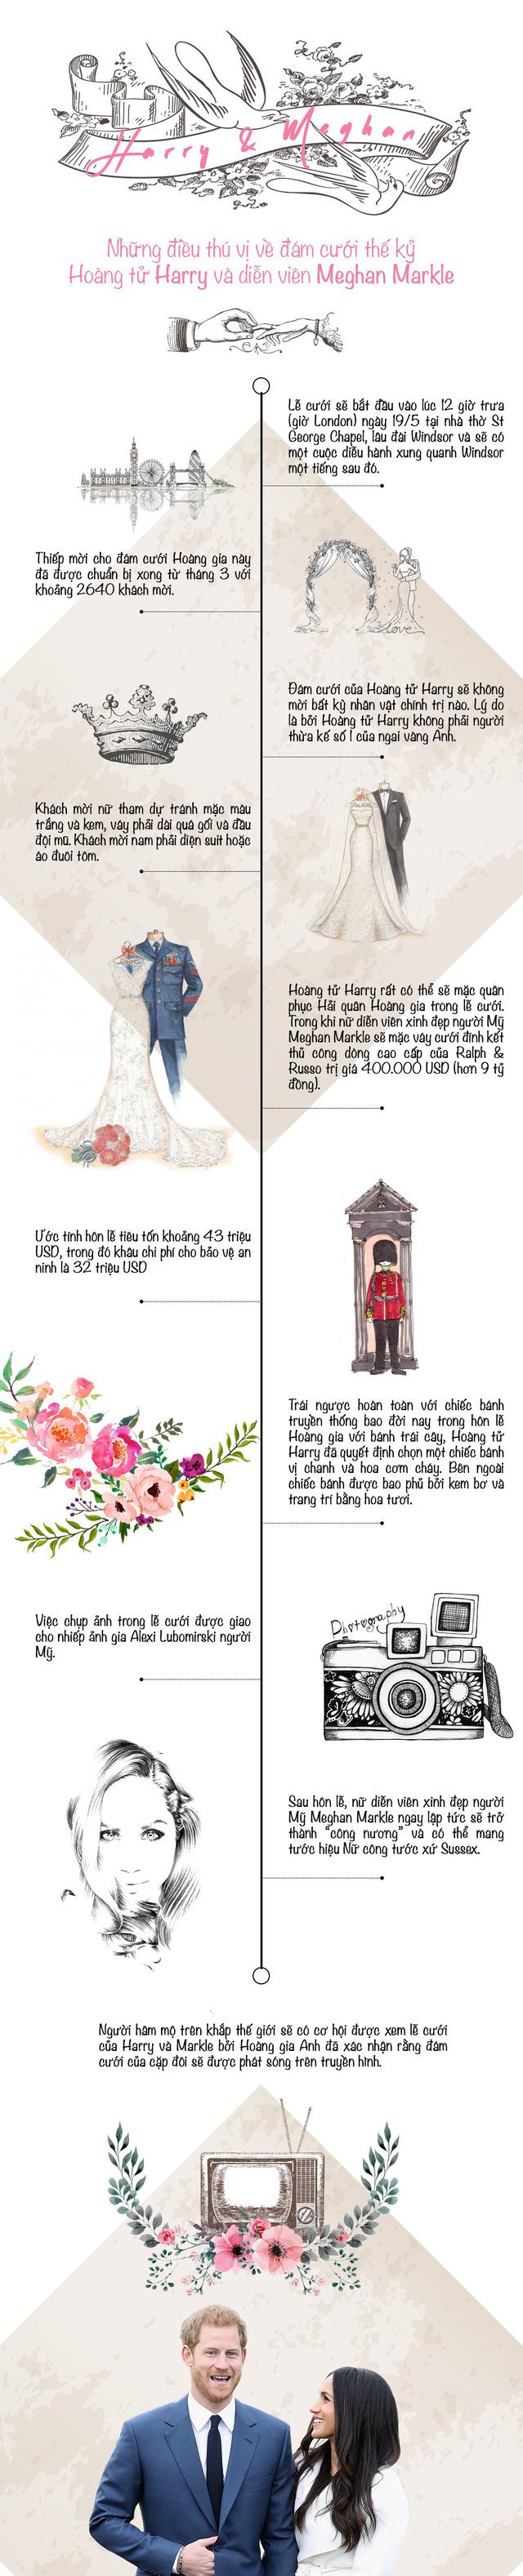 [INFOGRAPHIC] Những điều thú vị về đám cưới thế kỷ - Hoàng tử Harry và lọ lem nước Mỹ - Ảnh 1.